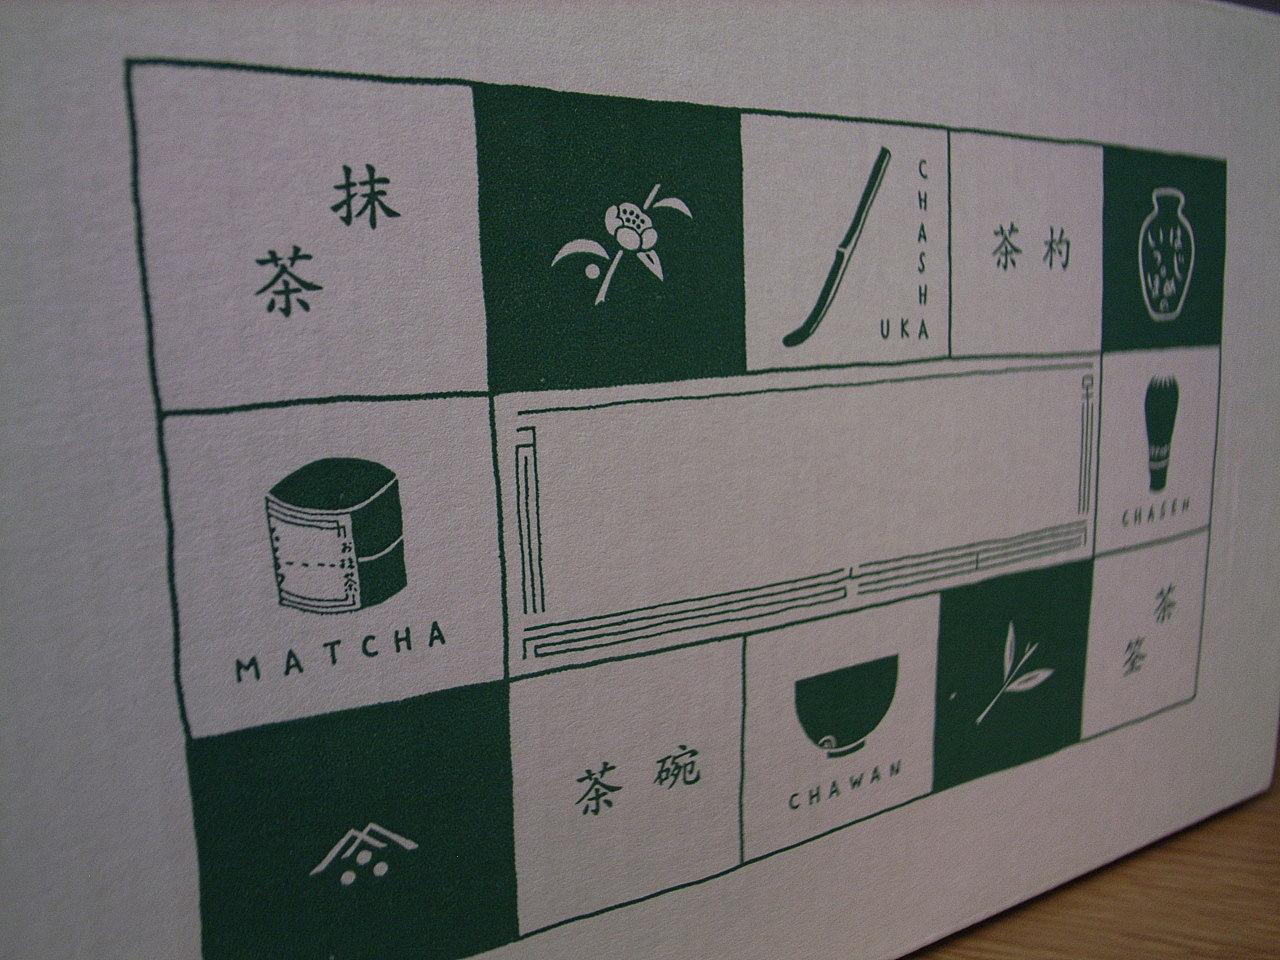 【京都】一保堂茶舗 はじめのいっぽ_d0068879_1863758.jpg